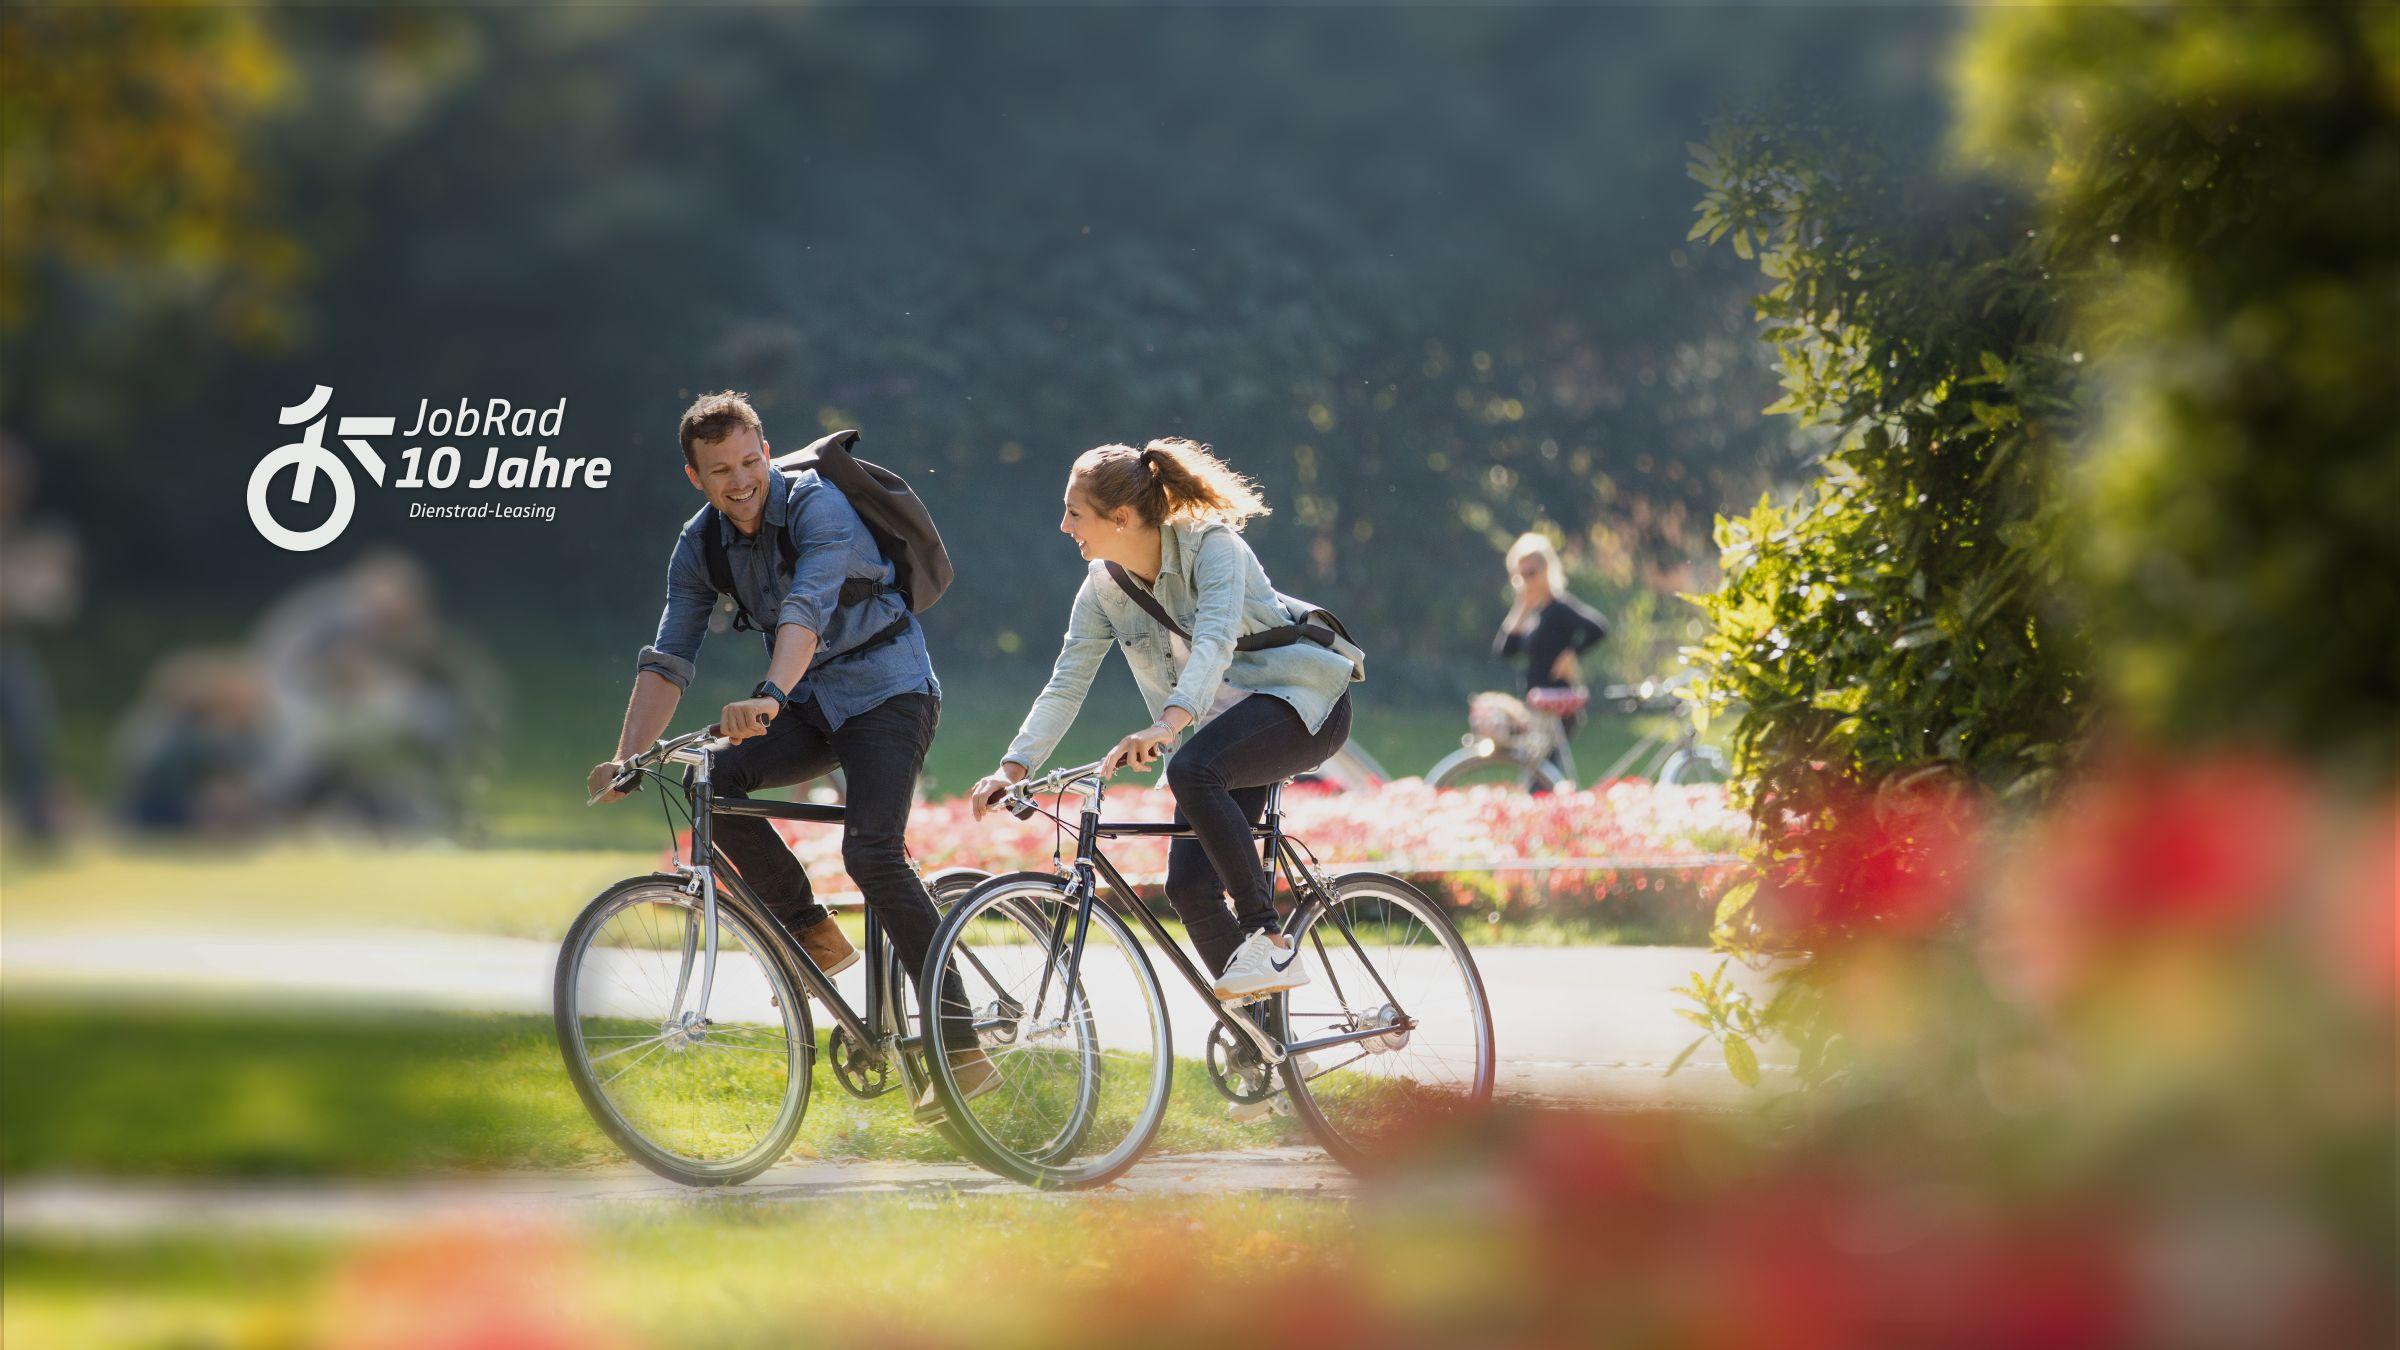 Jubiläumsgrafik 10 Jahre Dienstrad Leasing, zwei Radfahrer von der Seite